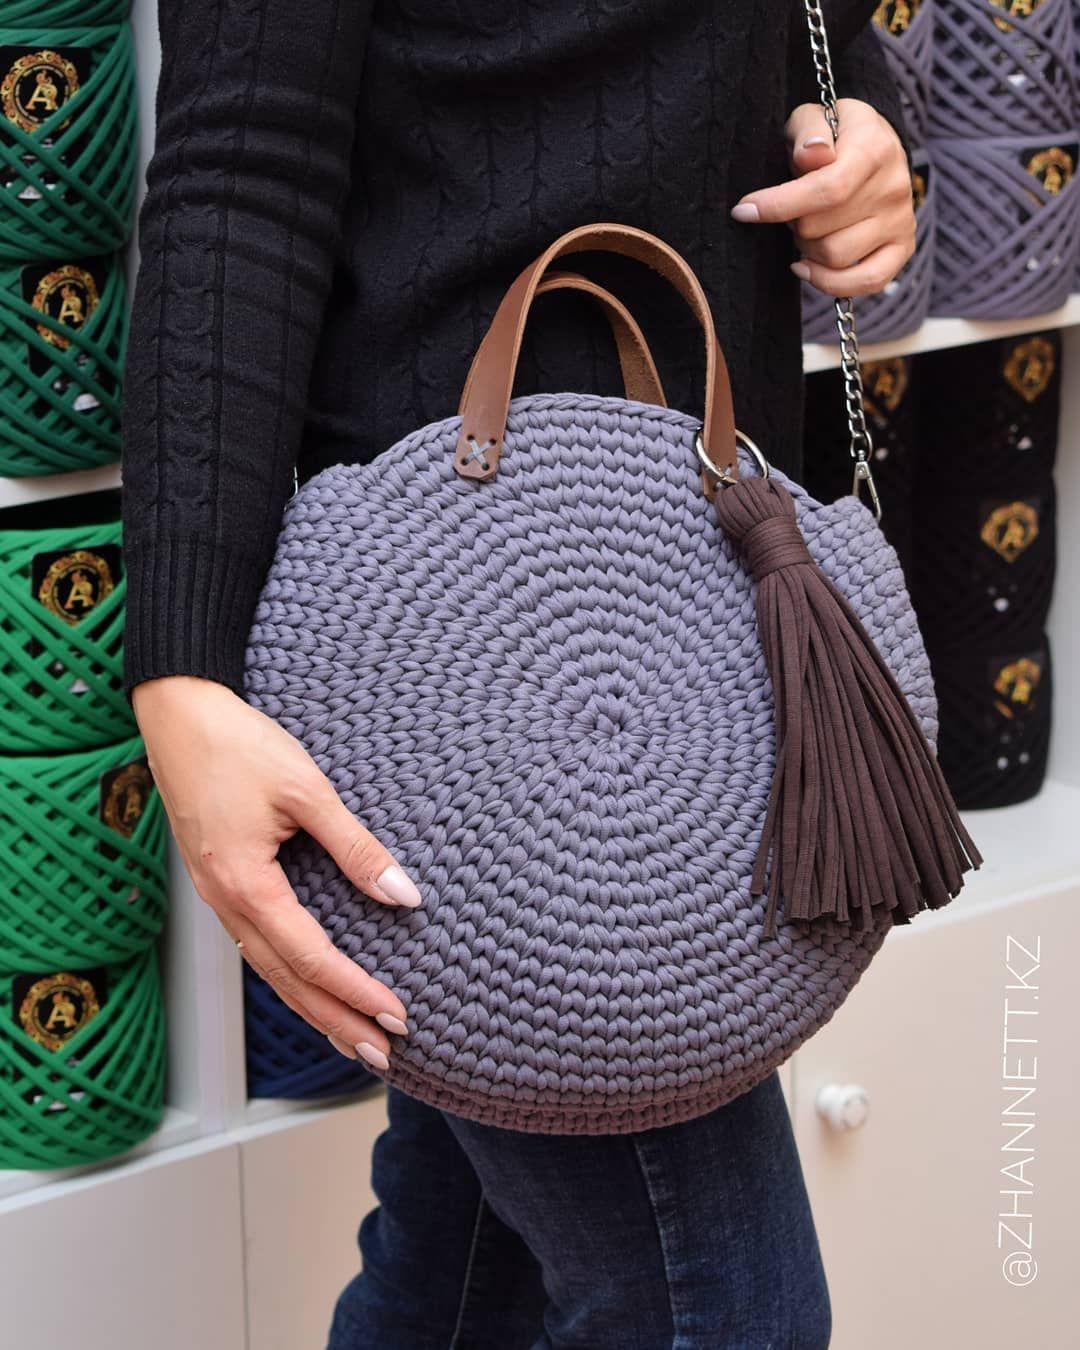 27f71f74010b Новая сумка Лагуна из нашей трикотажной пряжи @altyn_nitka цвет Графит.  Давно я хотела воплотить